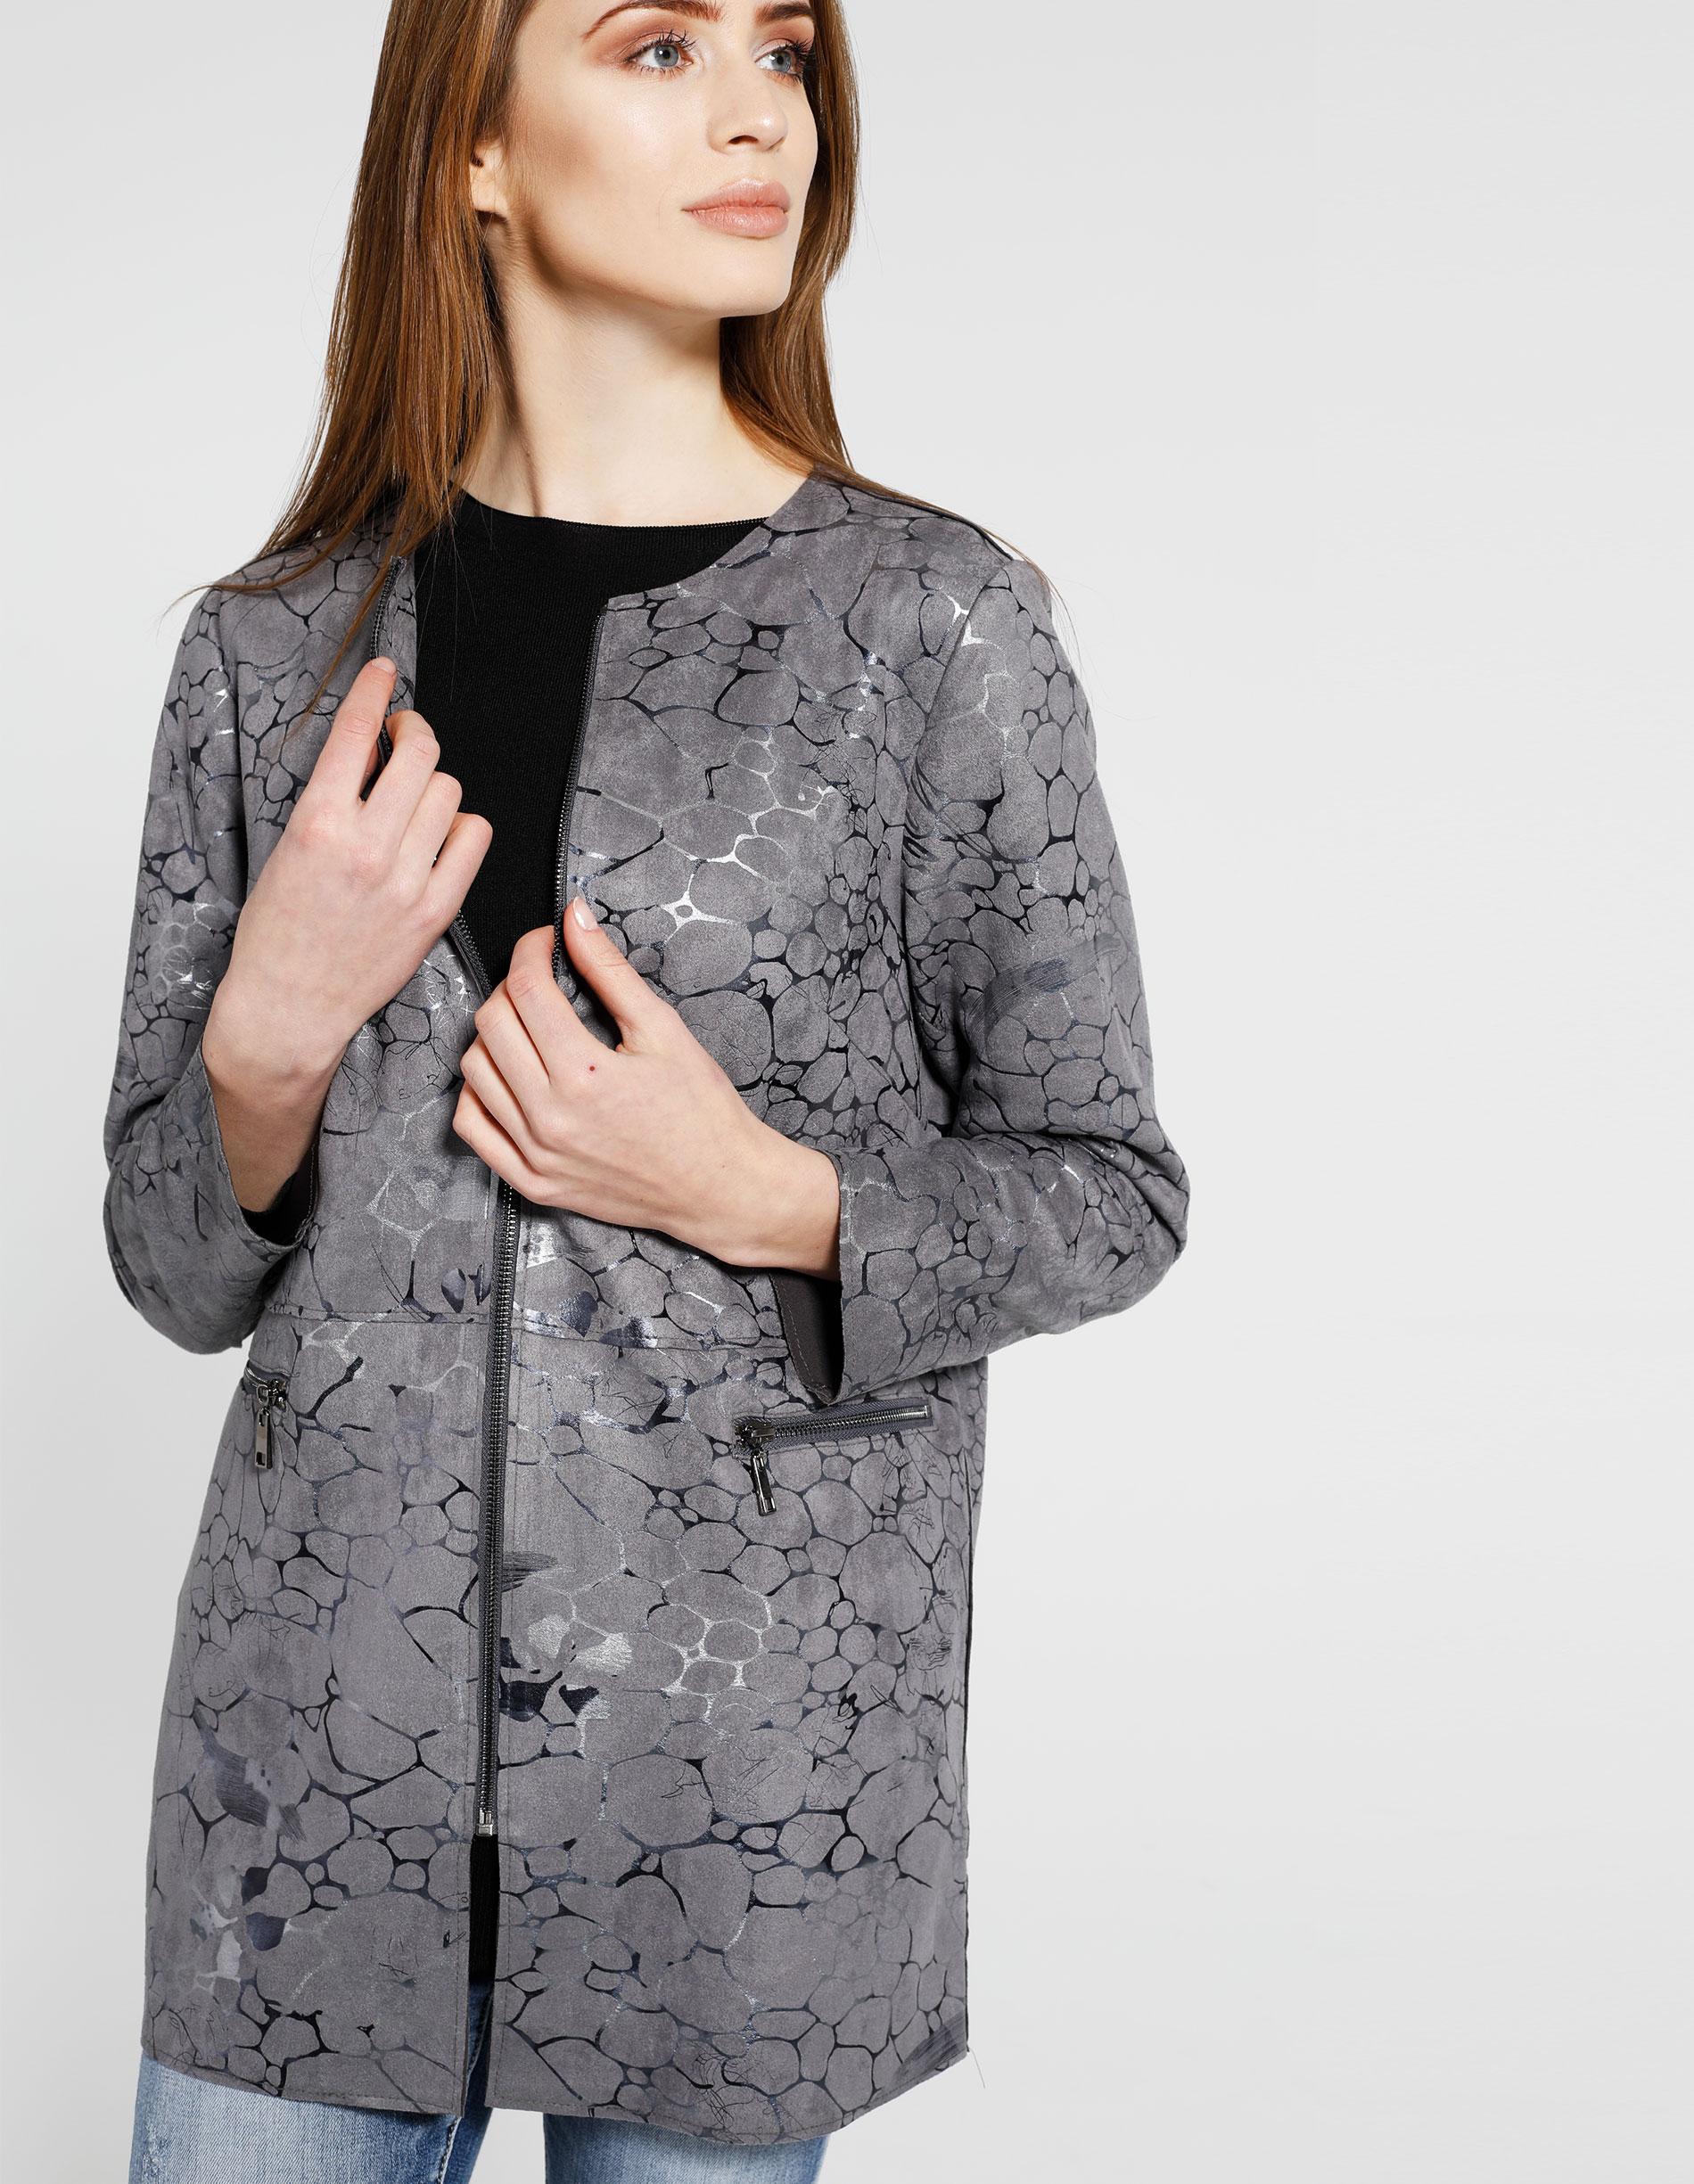 Płaszcz materiałowy - 88-251618 GRI - Unisono